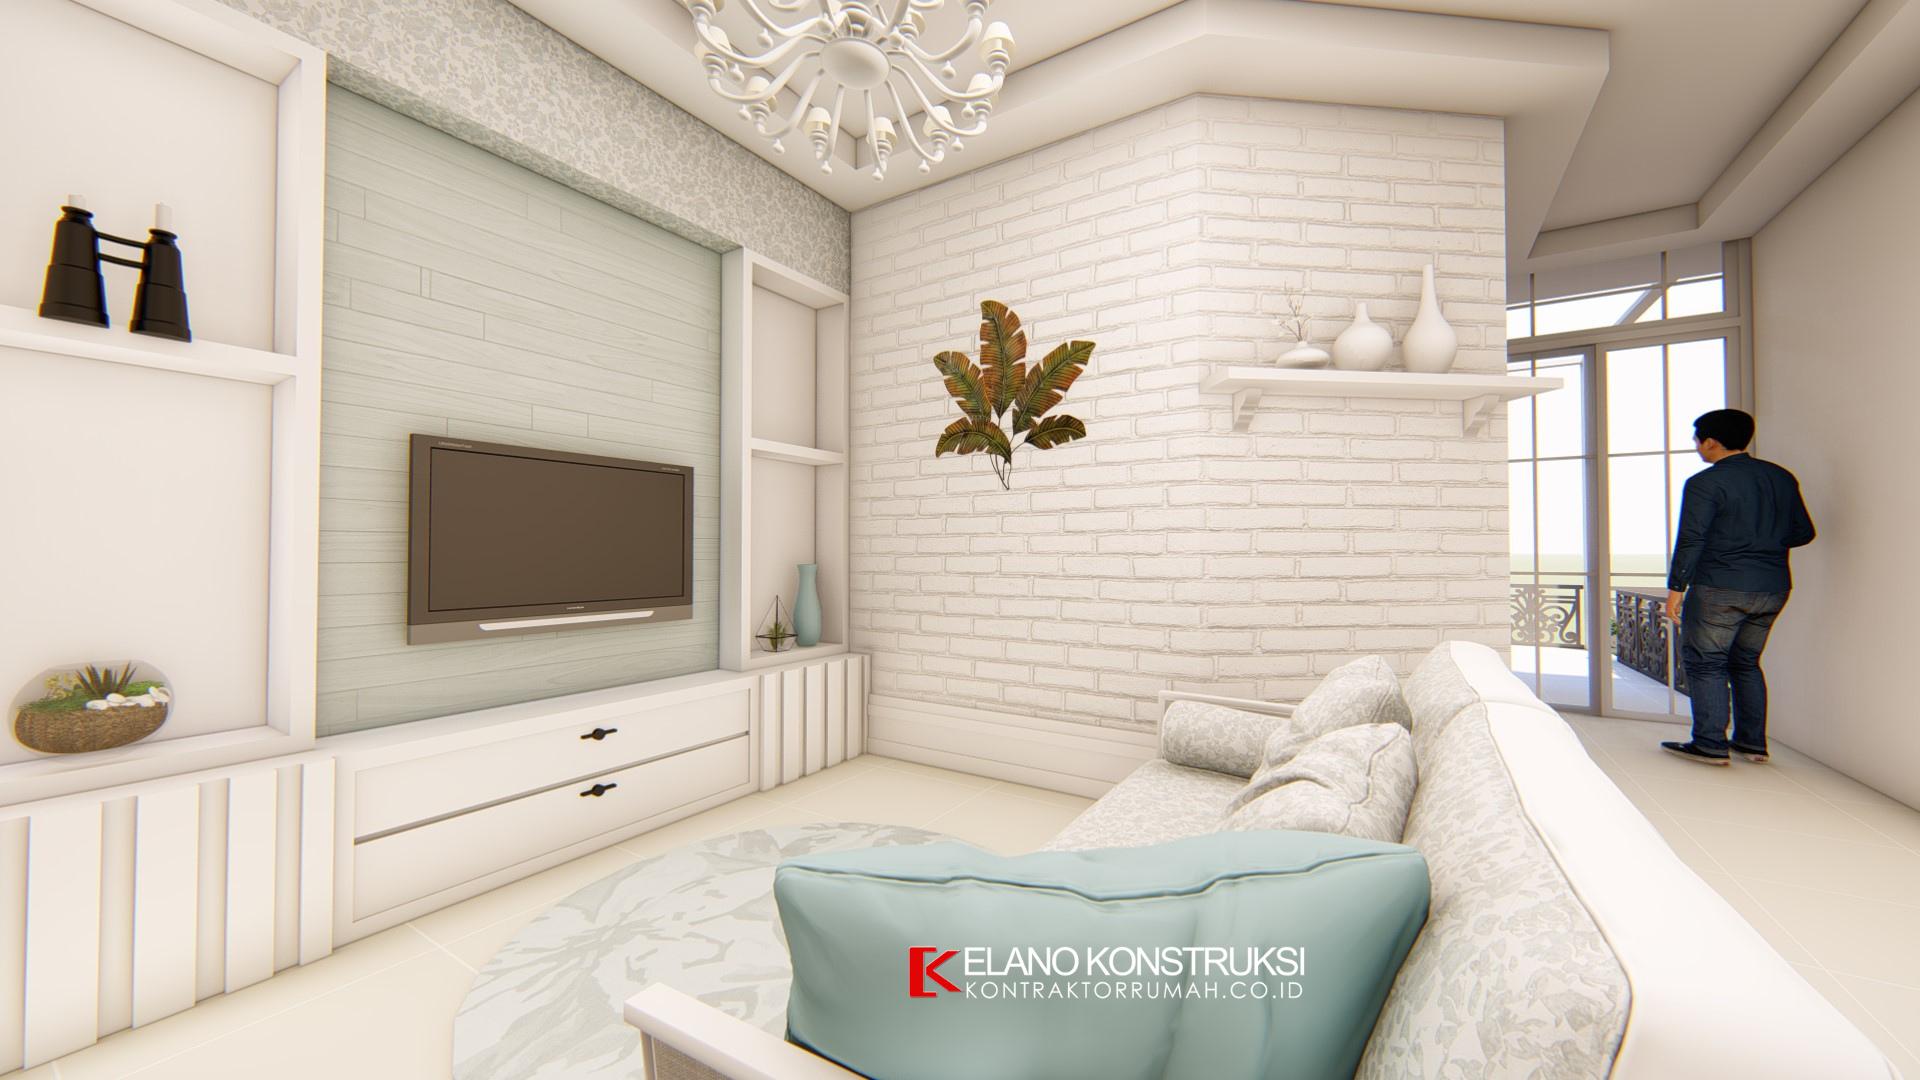 Untitled design 18 - Desain Interior Rumah shabby chic Bapak Wawan 250 M2 Depok